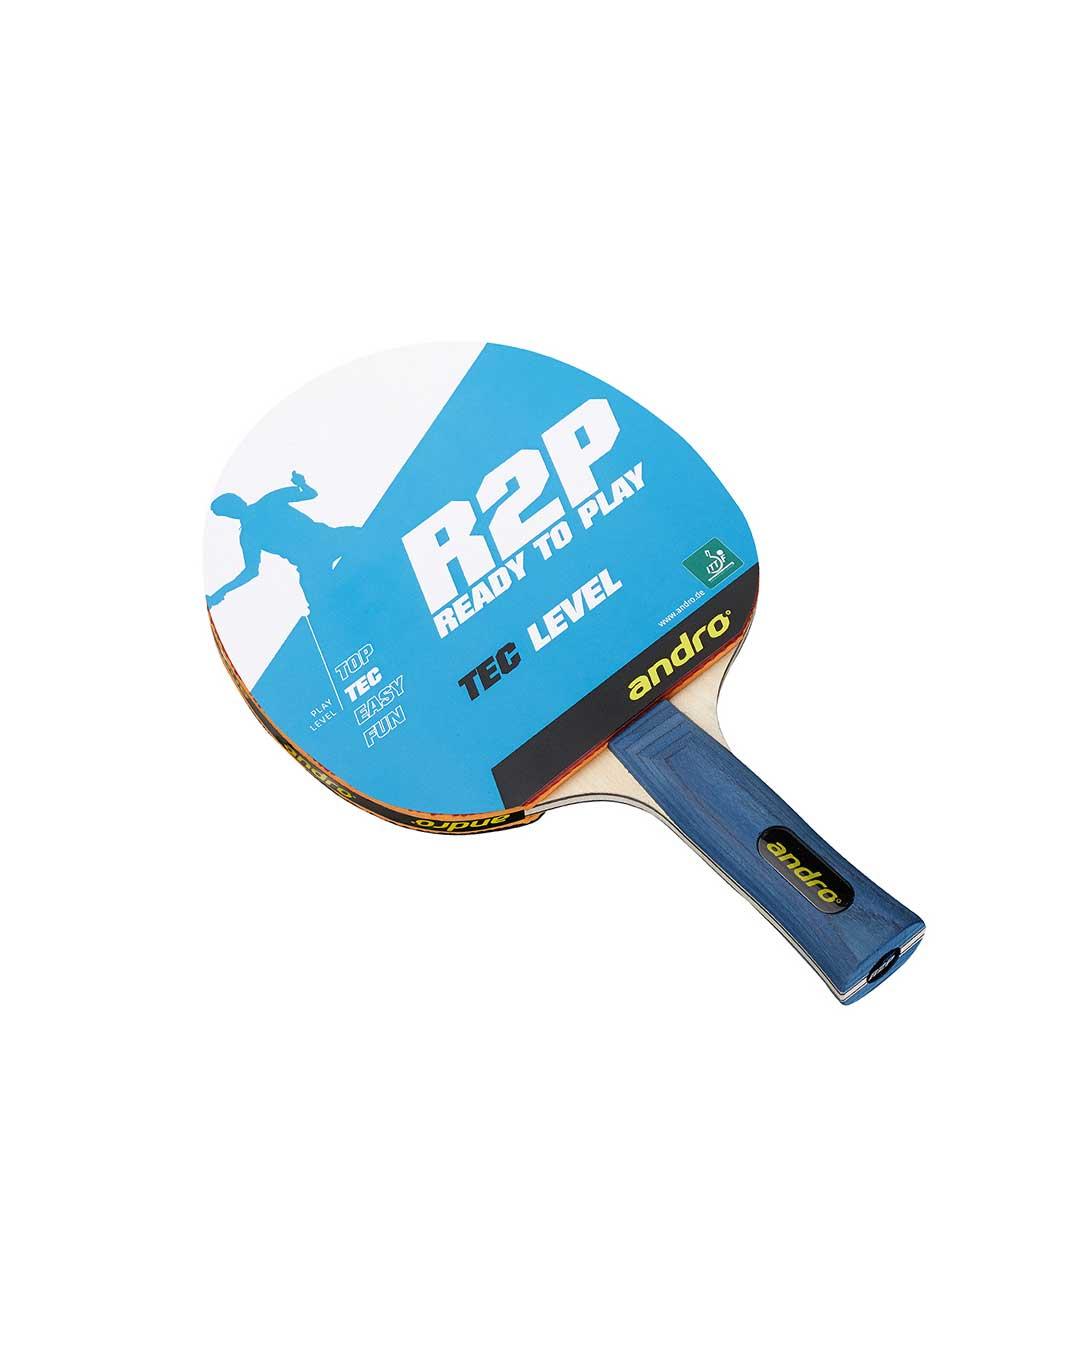 Paleta Tenis de Mesa marca Andro Competición R2P Tec Level flaired ITTF